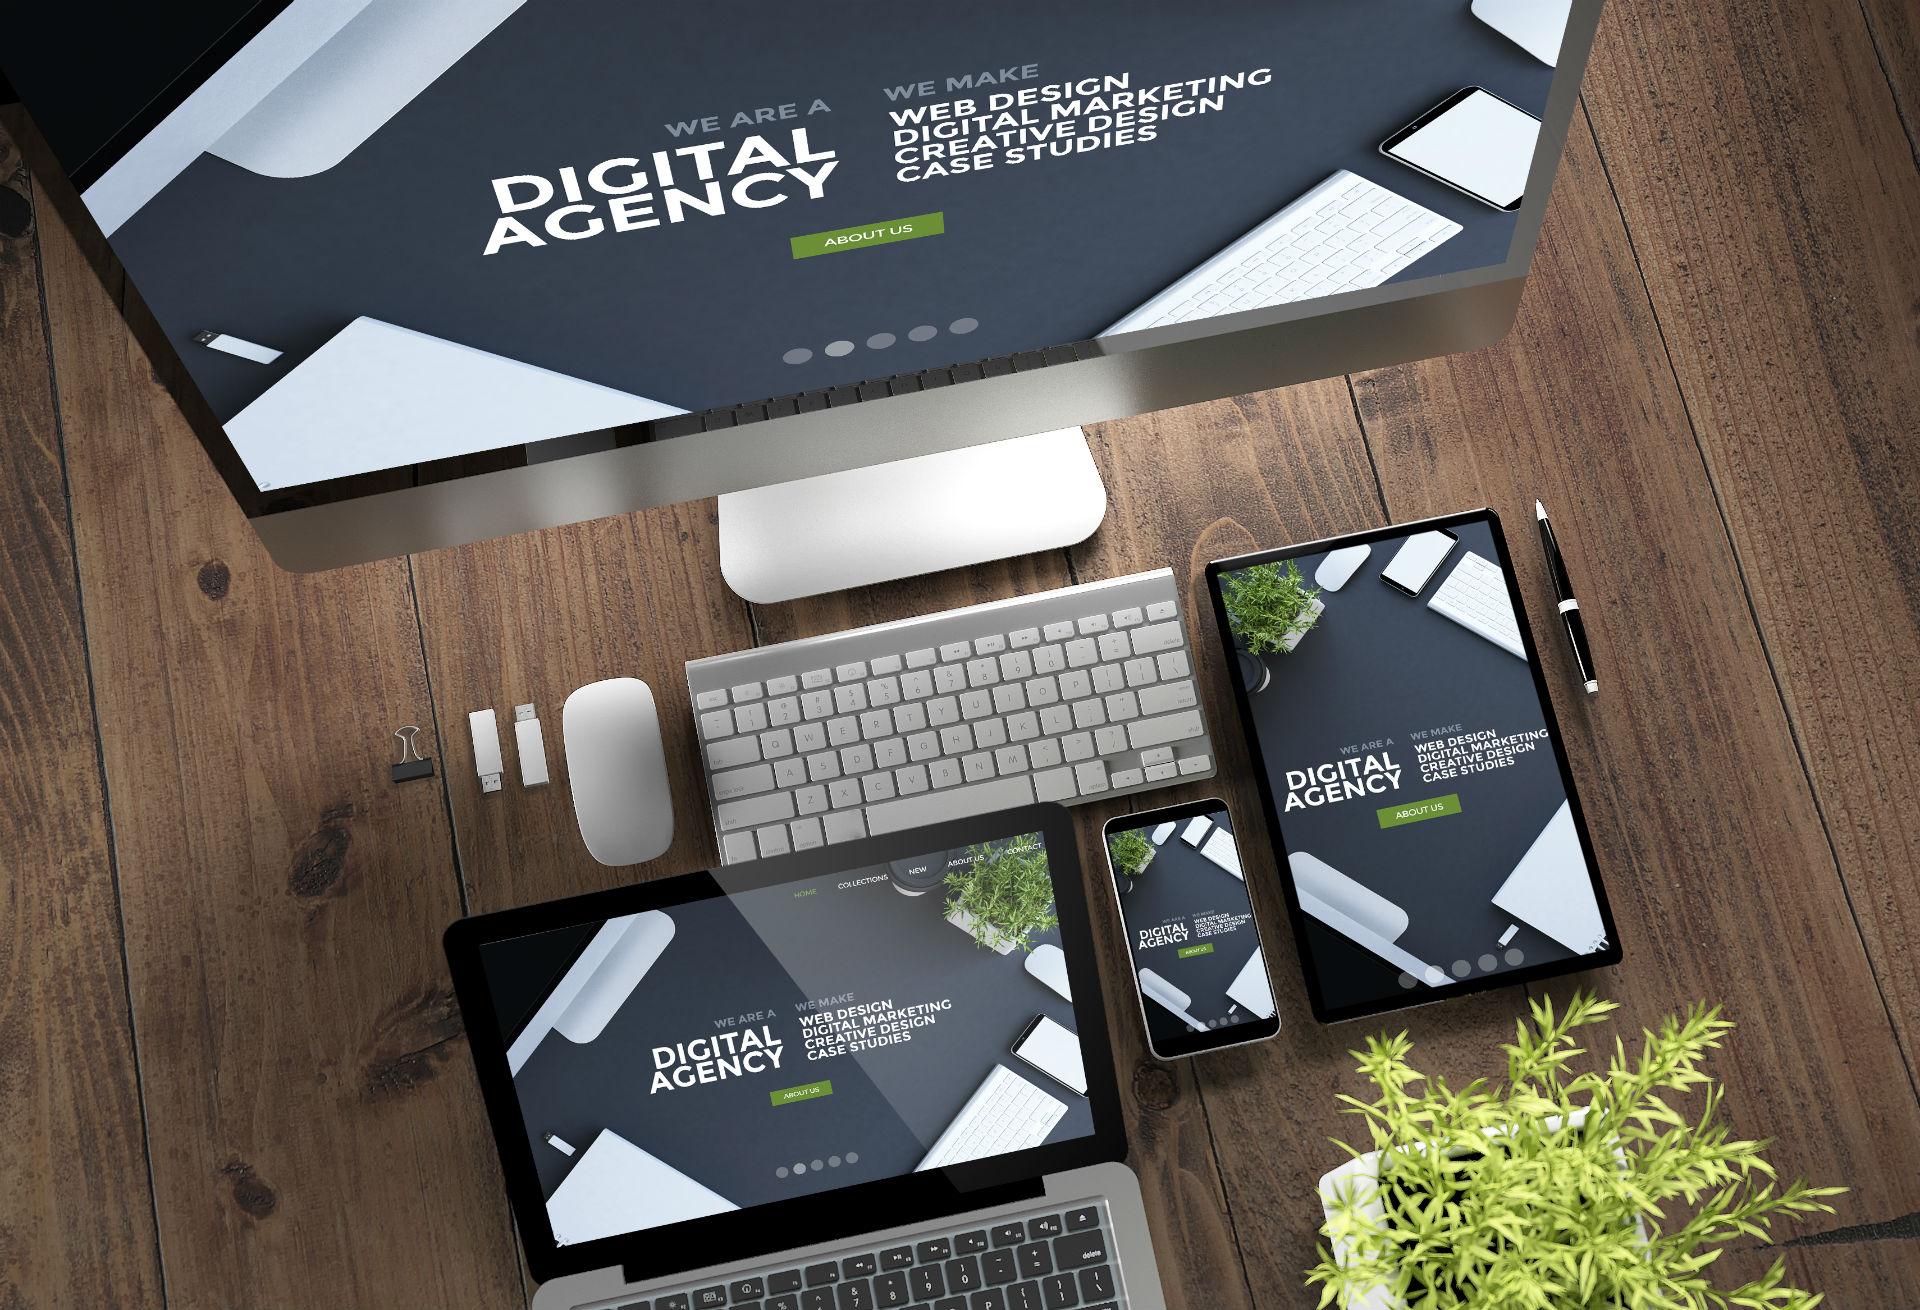 Uniqueness will standout when you hire a Web Design Company